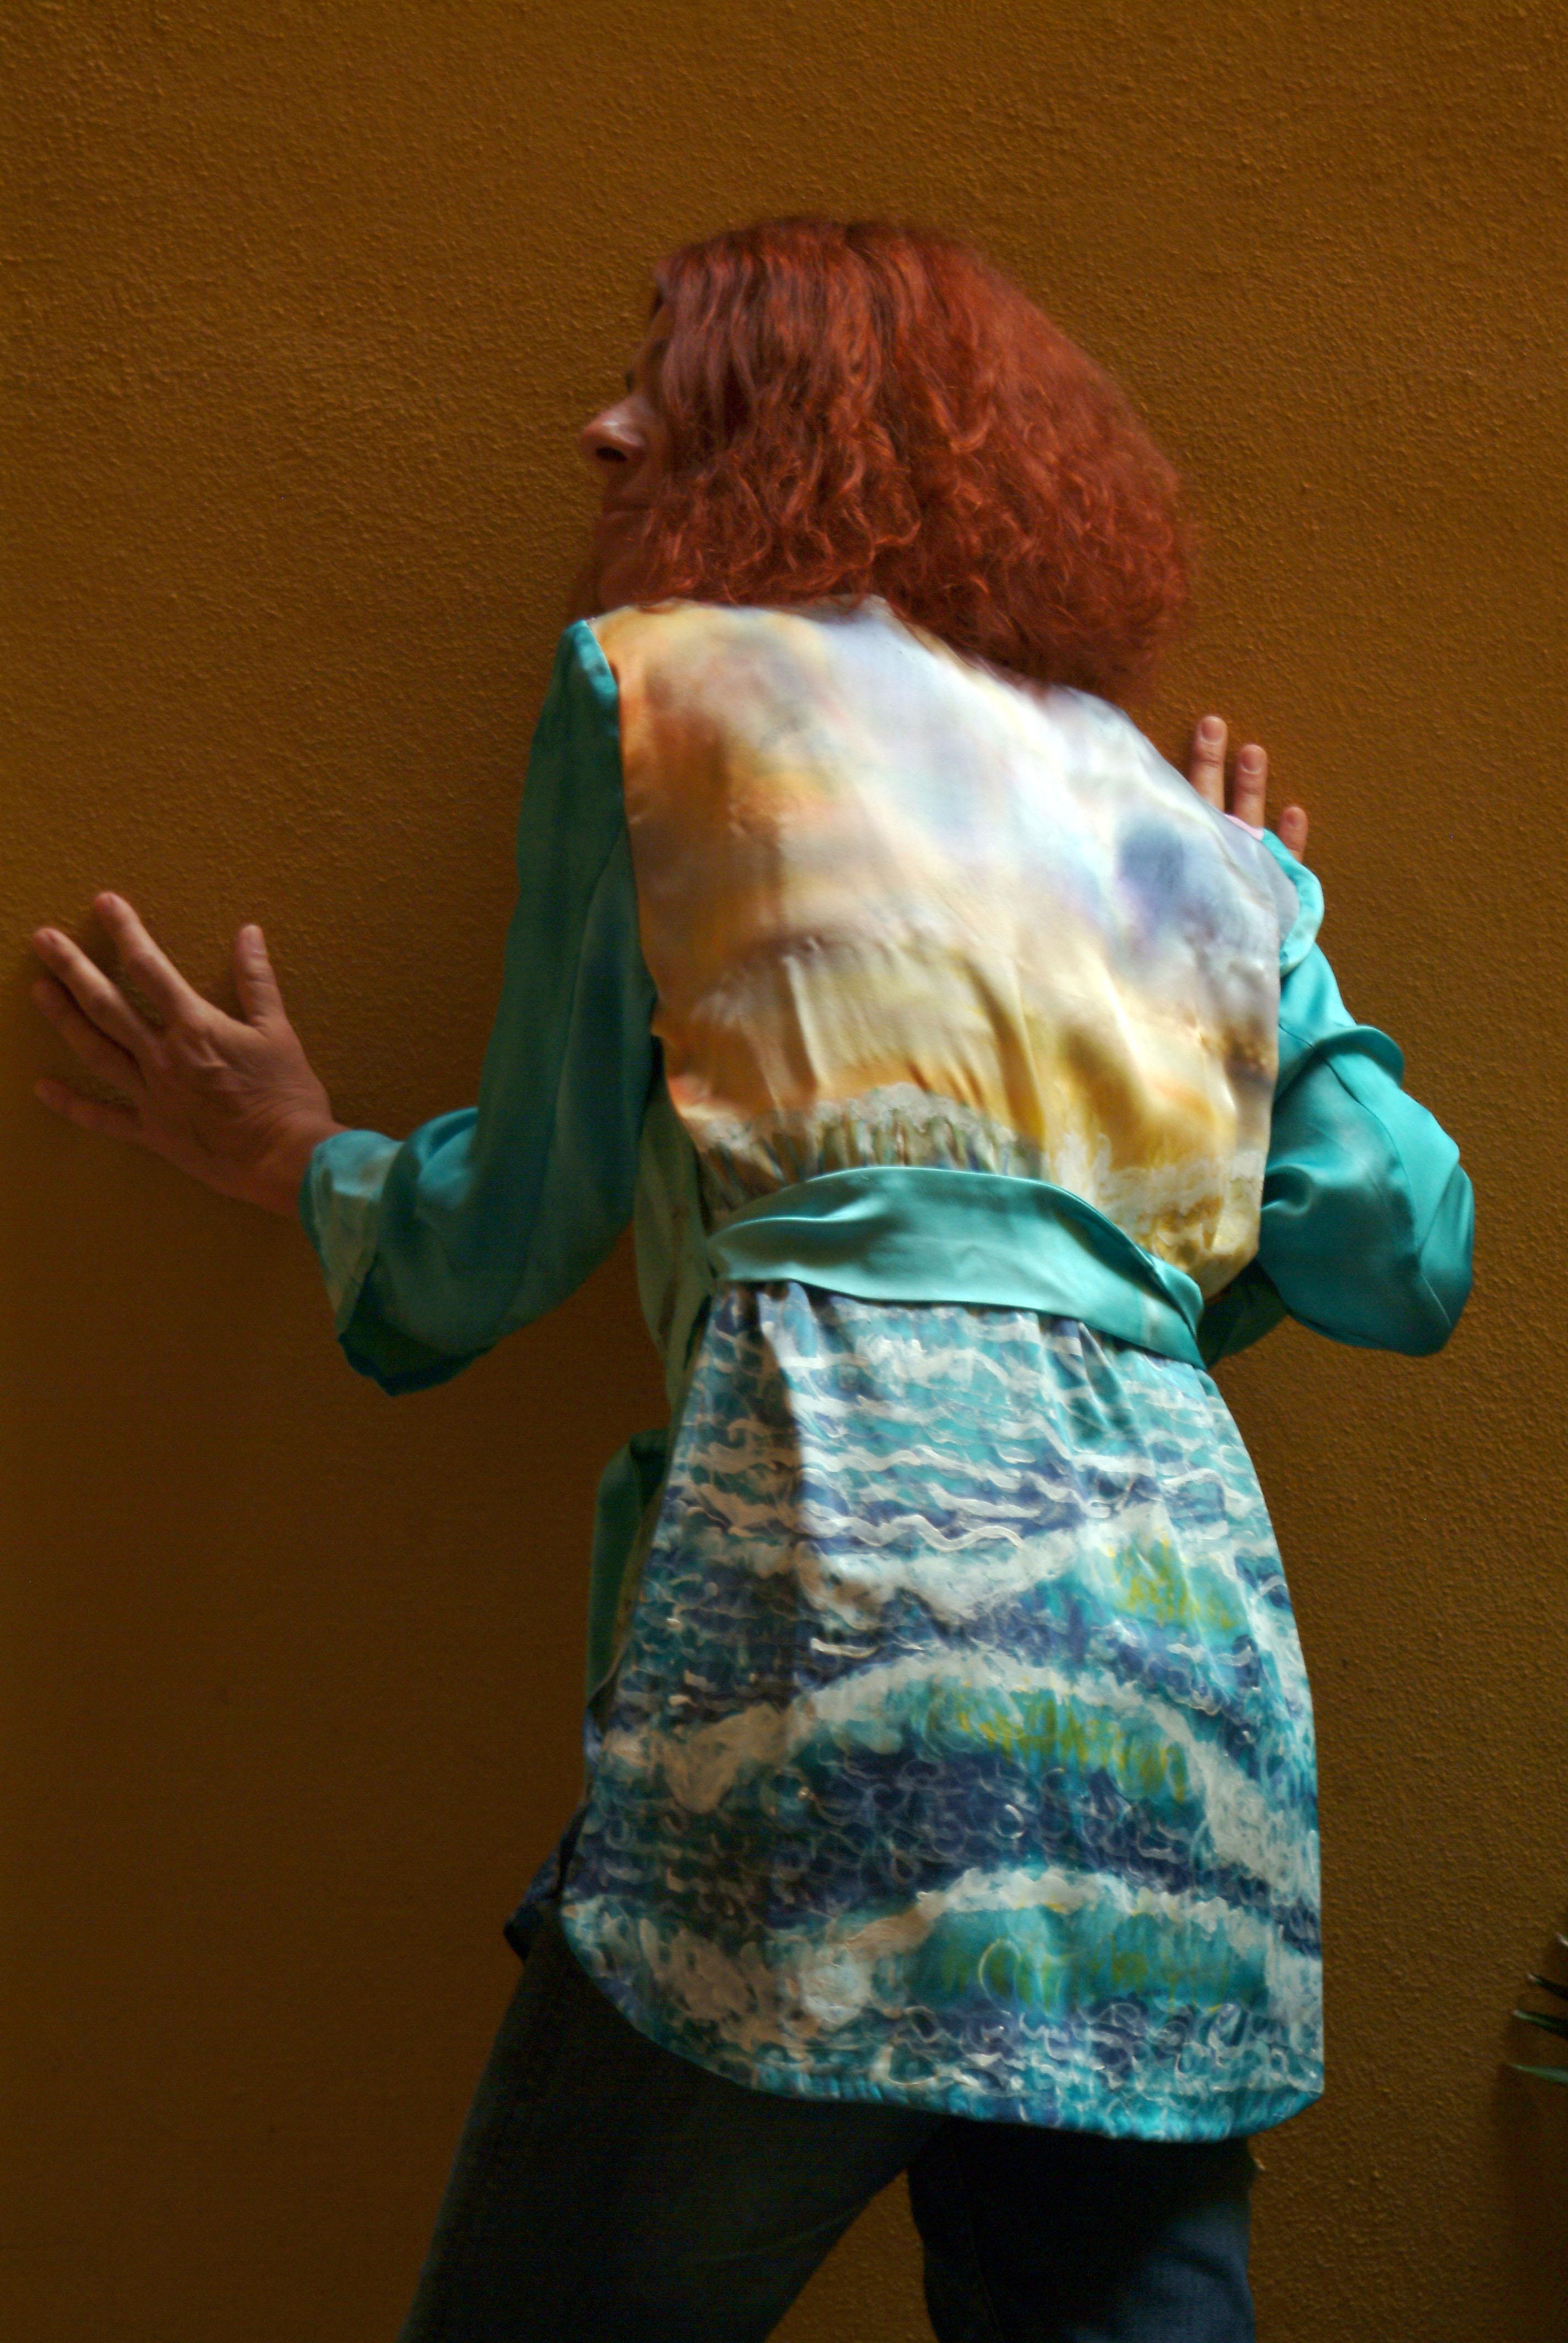 Palmira de espaldas con el blusón pintado con el mar en movimiento, crepe satén. Fotografía: Vicente Alamán Picazo..